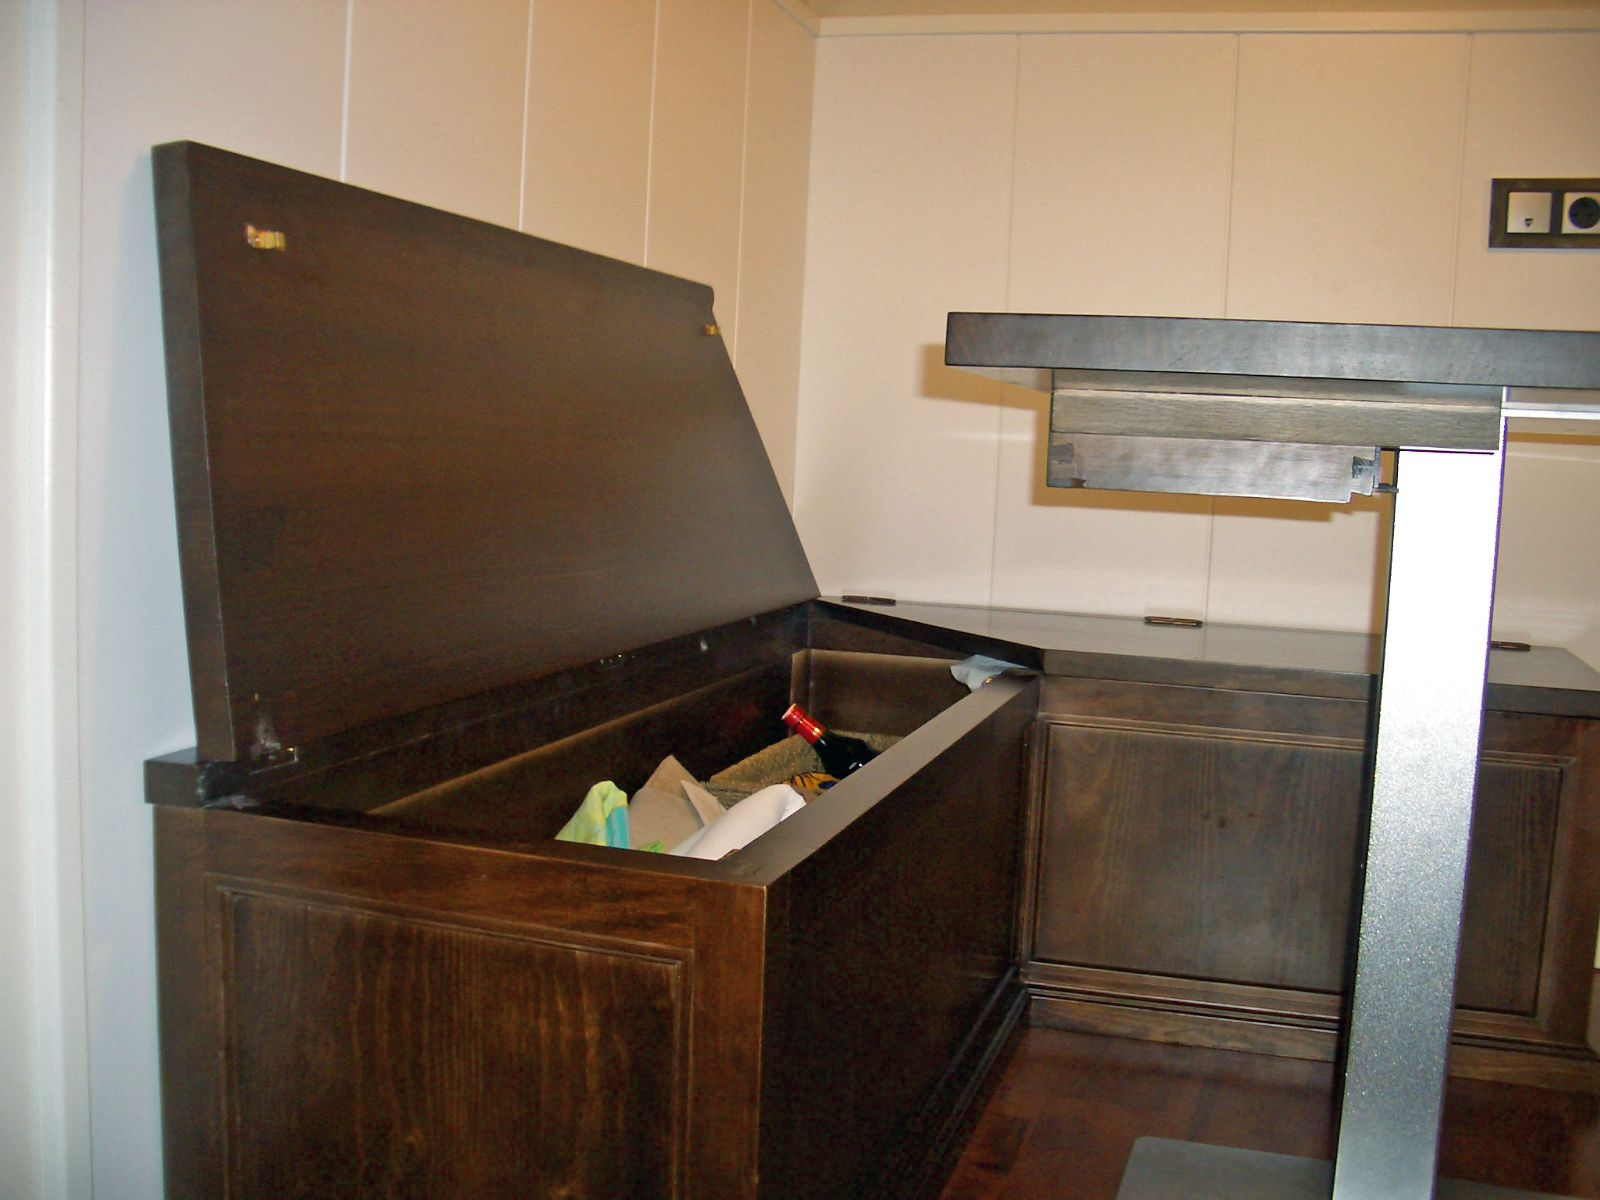 Rinconera de cocina con asientos tipo ba l y mesa con pie - Sofas de cocina ...